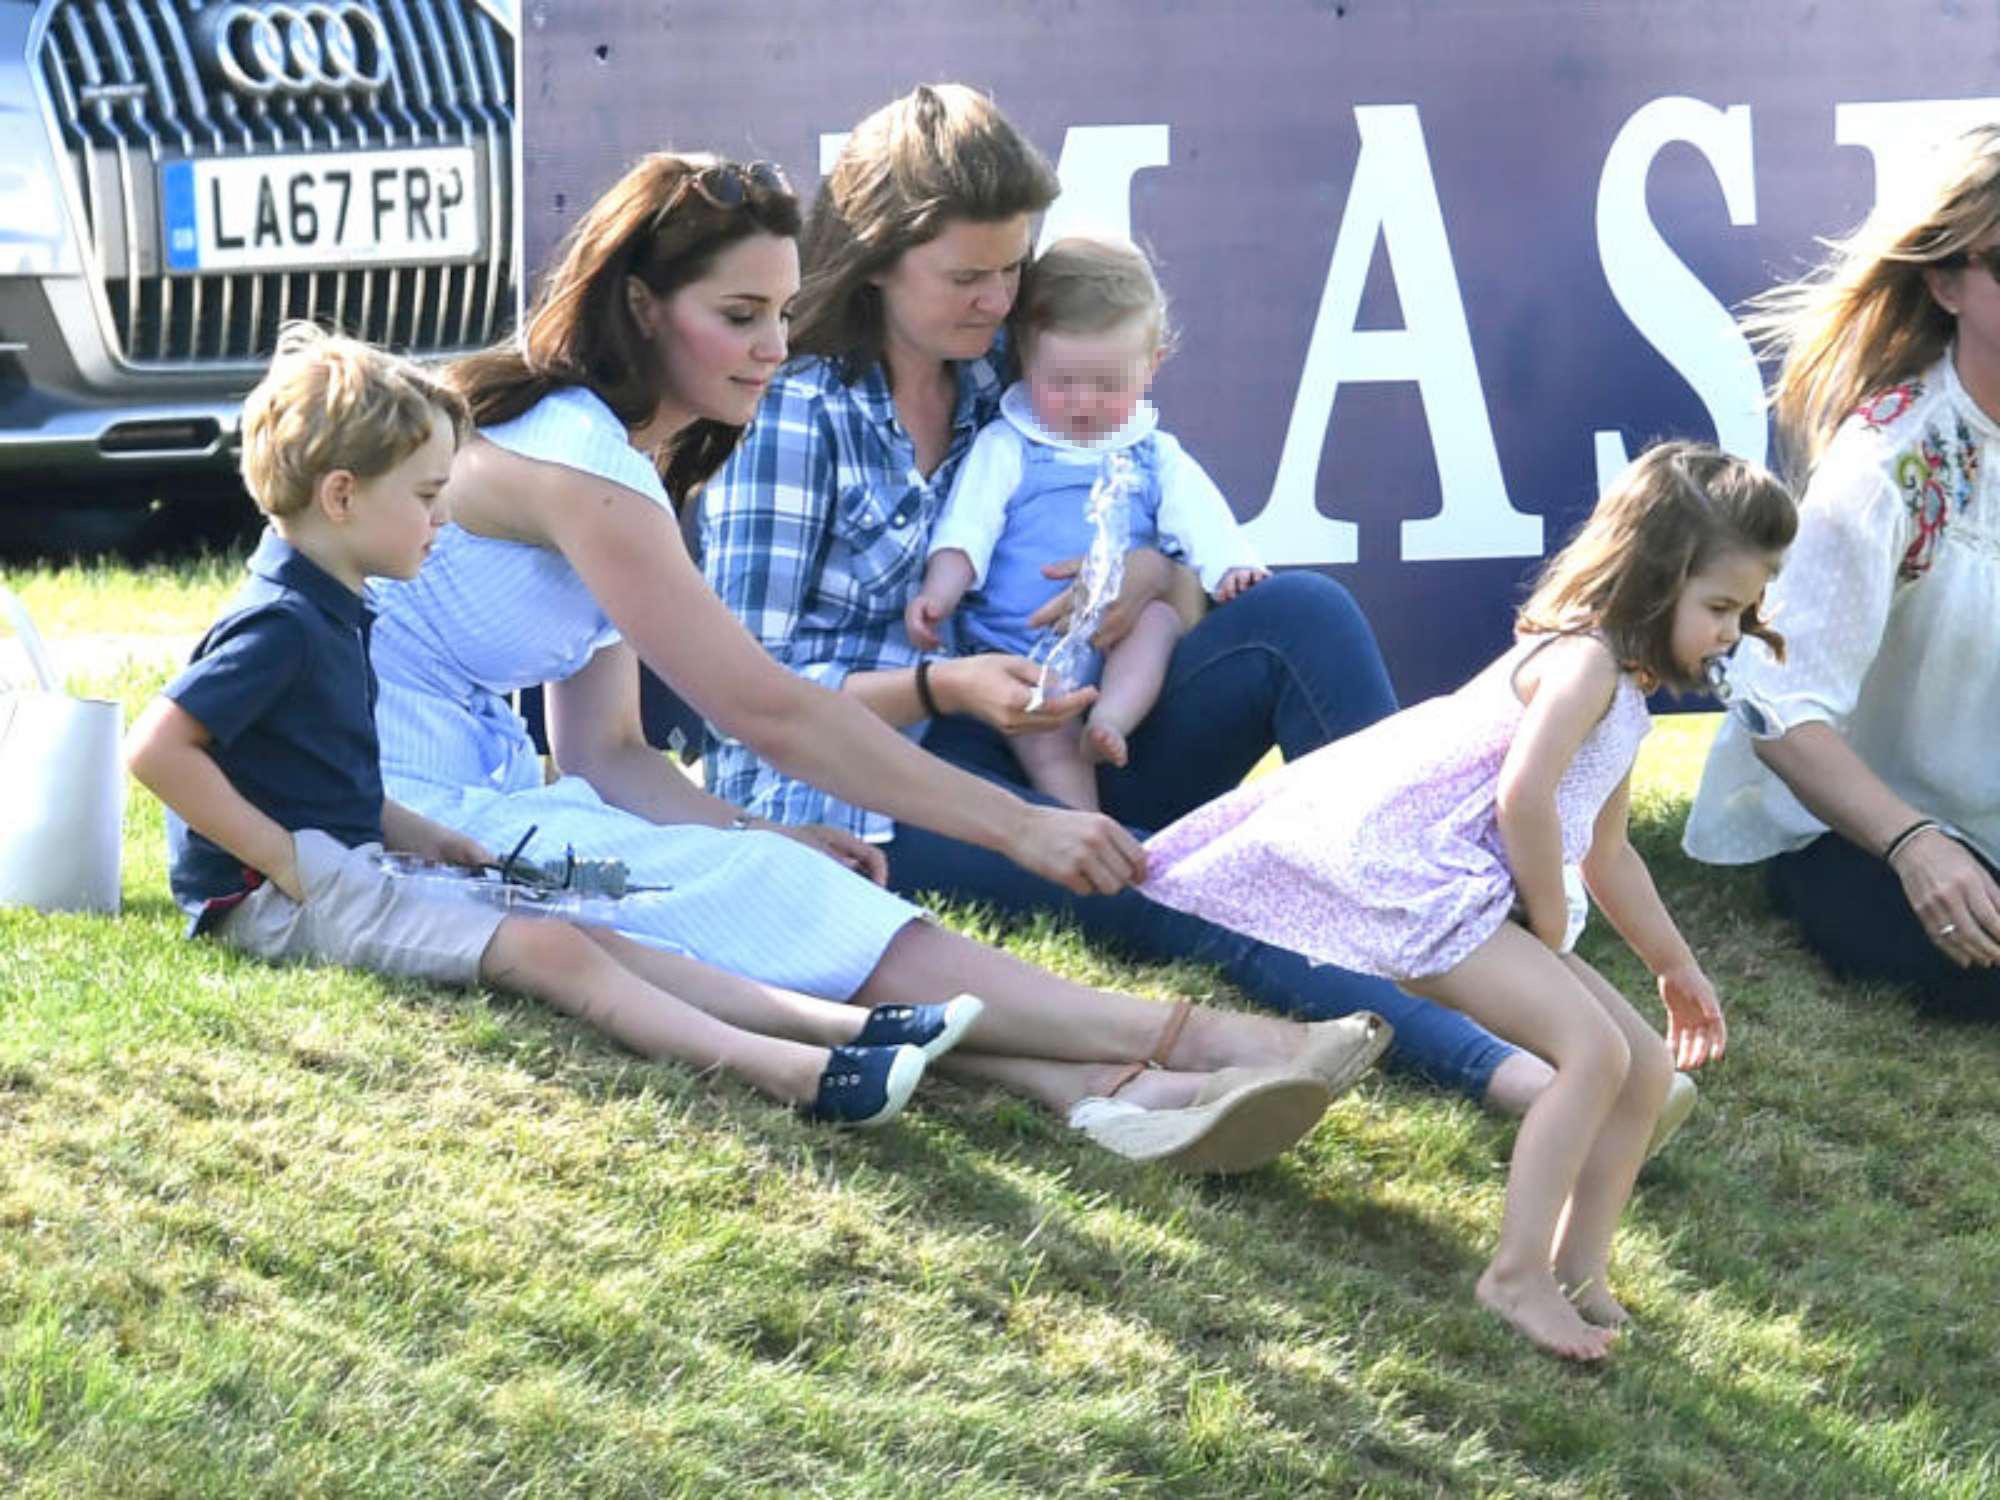 Kate Middleton, pomeriggio in campagna con i principini